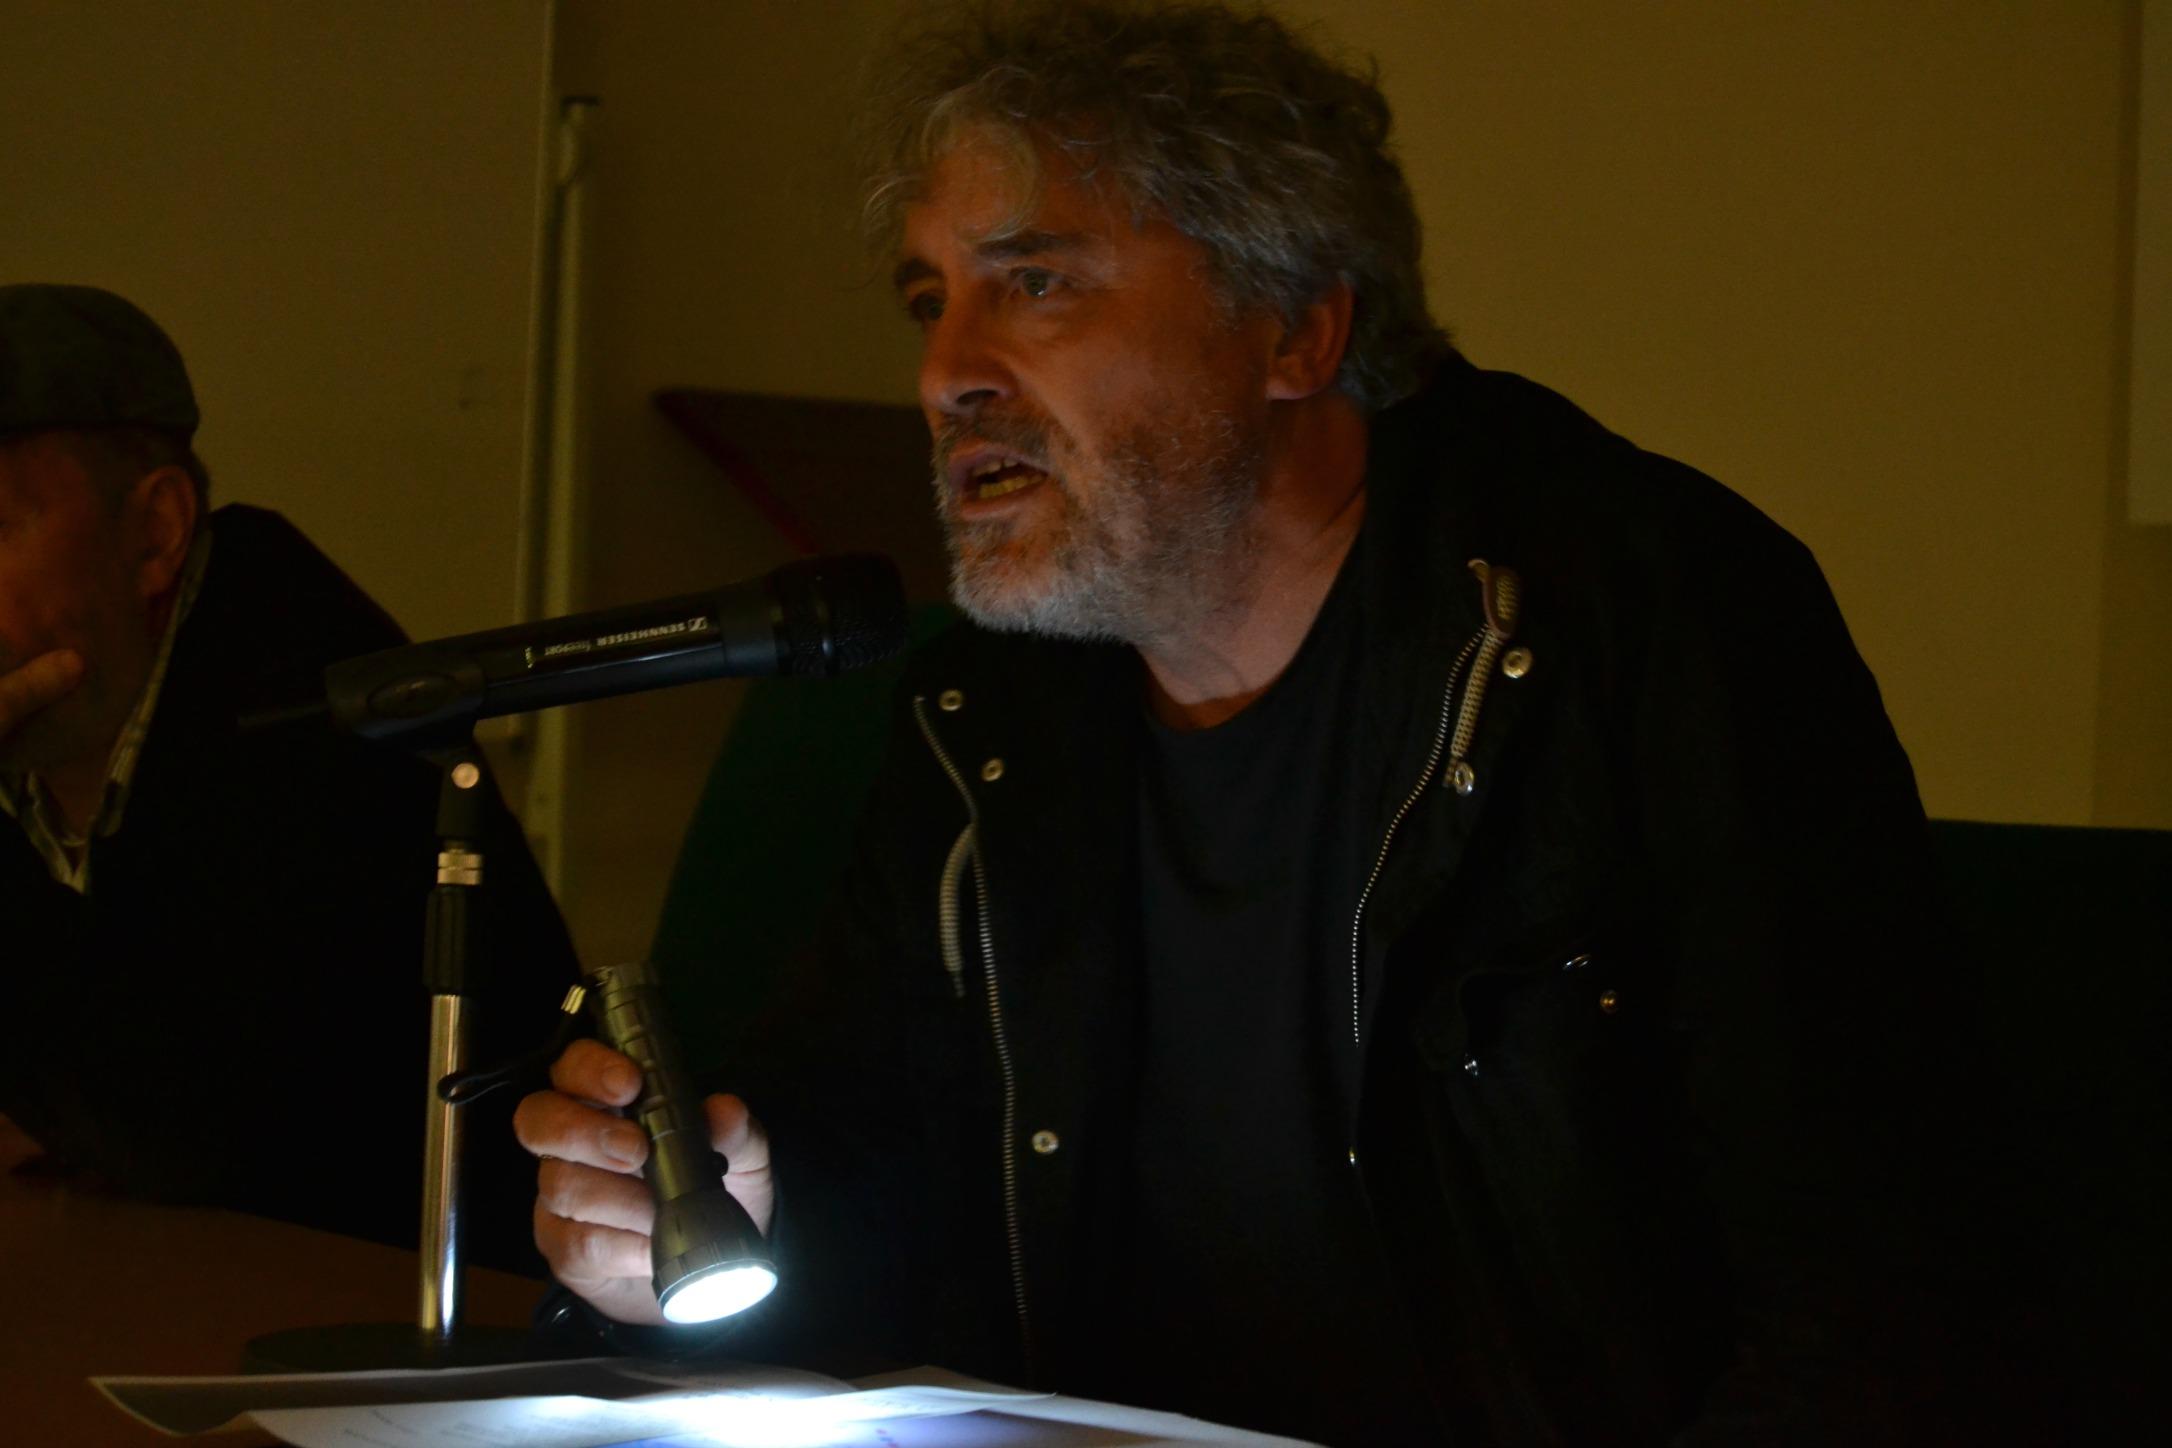 Manuel Rivas recitando | Ⓒ Alba Casais